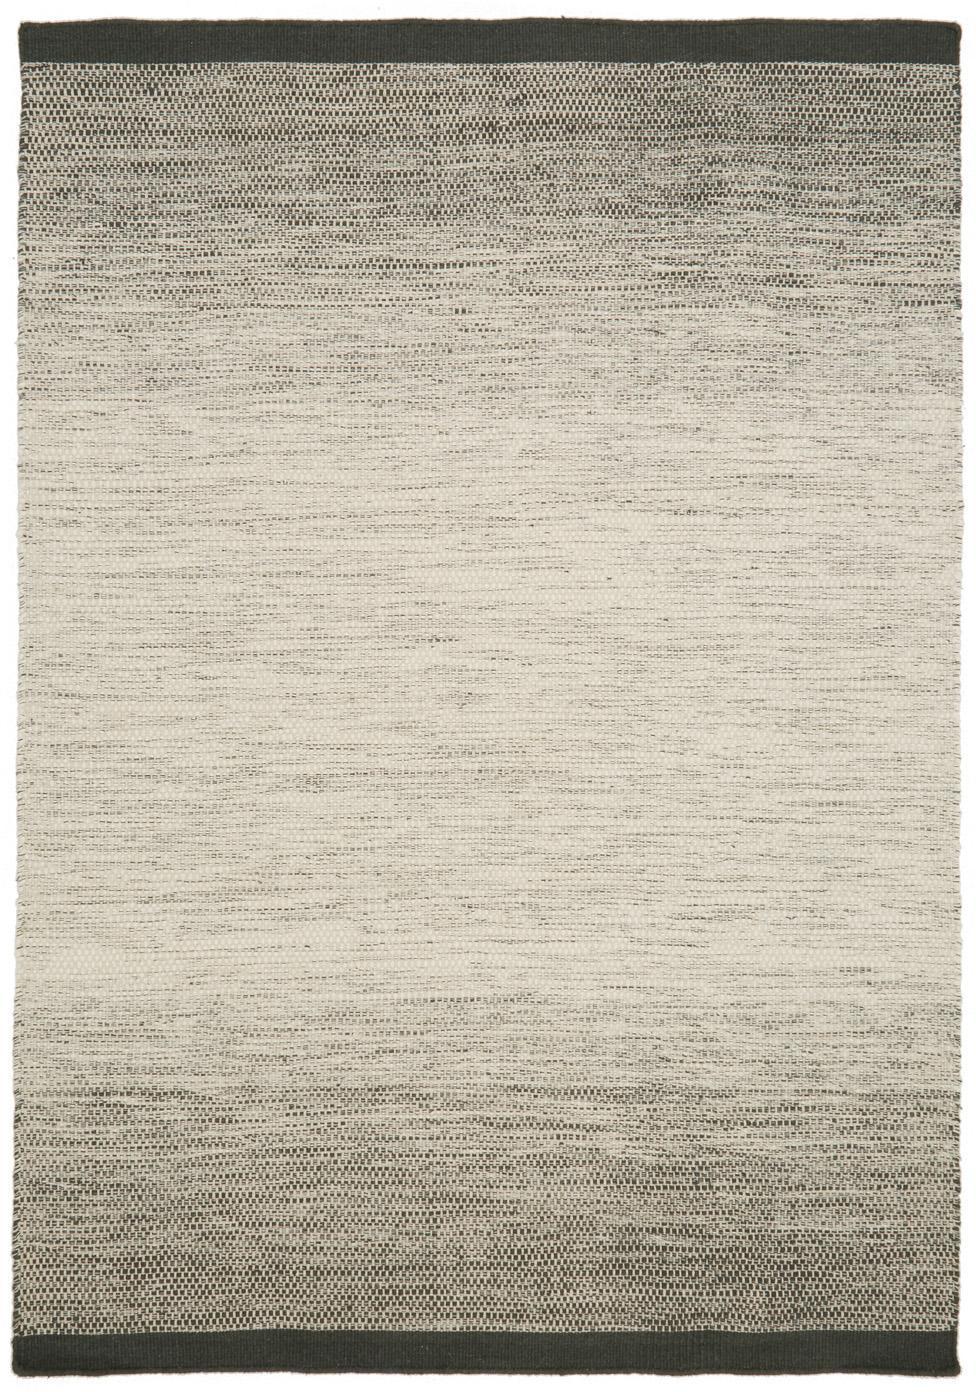 Handgewebter Wollteppich Lule mit Farbverlauf in Beige/Grün, 70% Wolle, 30% Baumwolle, Dunkelgrün, Beige, B 140 x L 200 cm (Grösse S)